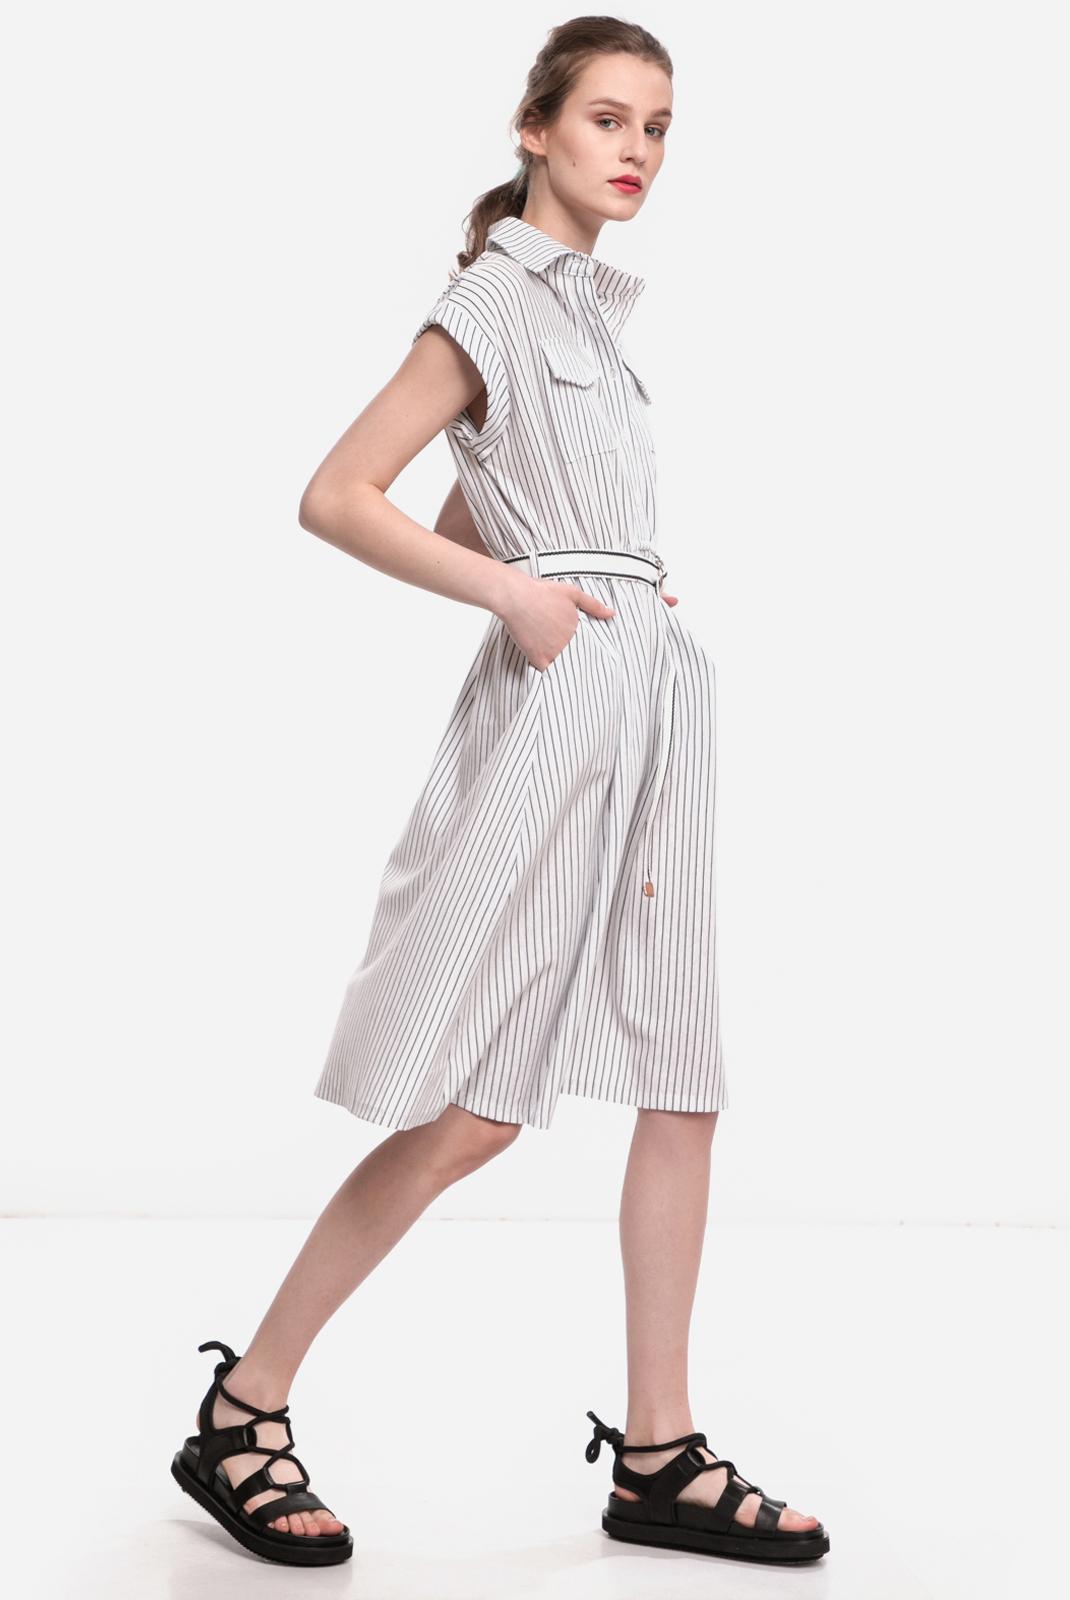 Robes  Molly bracken MBP1369E20 WHITE